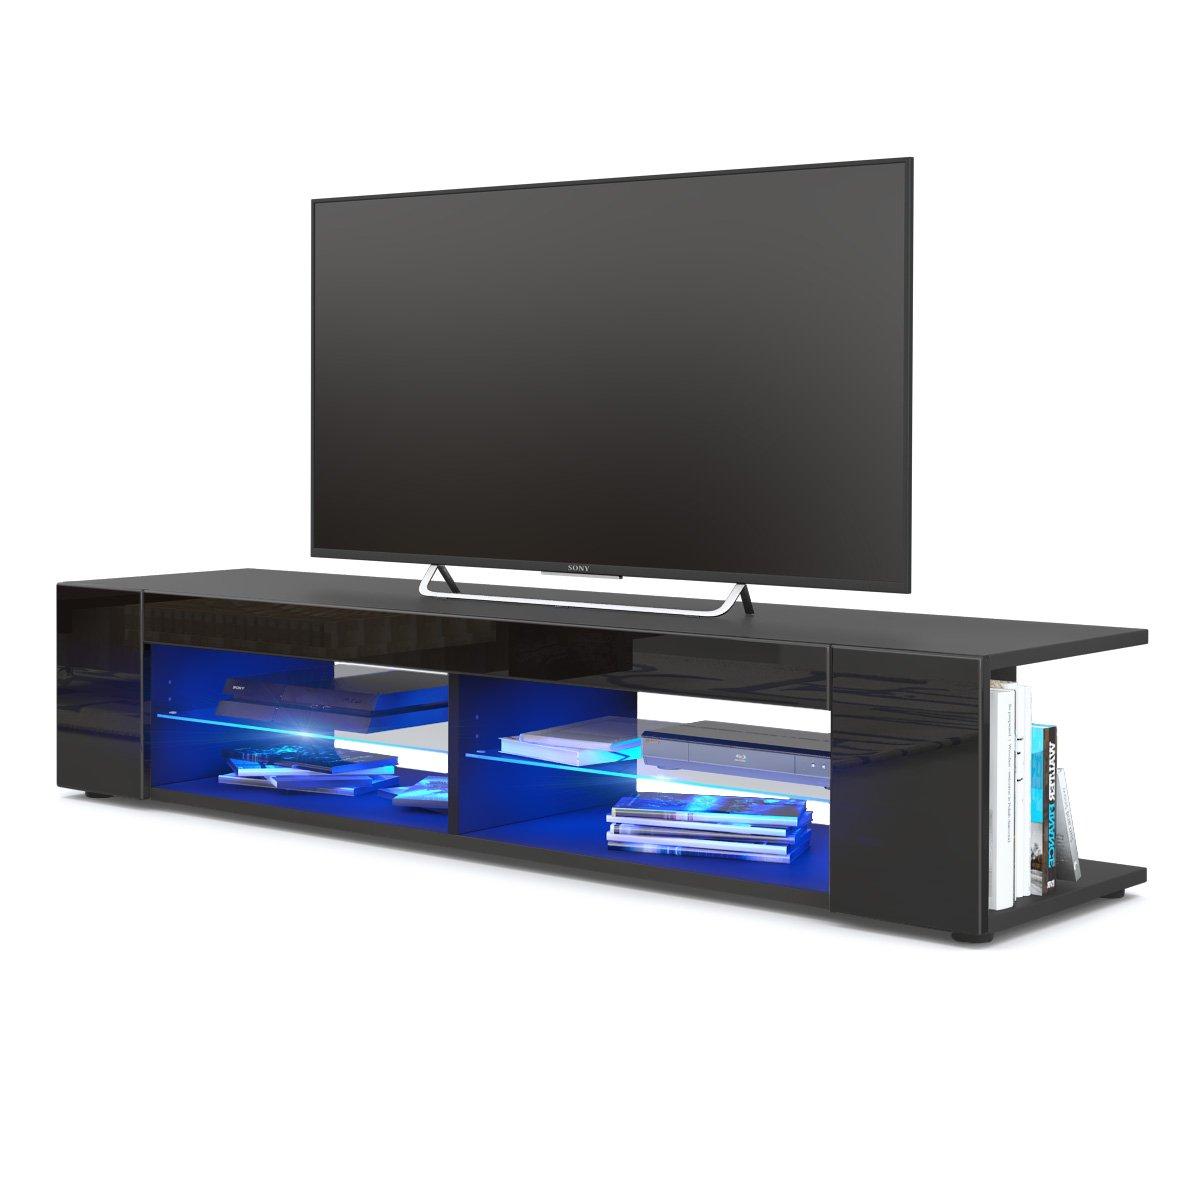 Amazon.de: Standfüße - TV-Halterungen & Standfüße: Elektronik & Foto